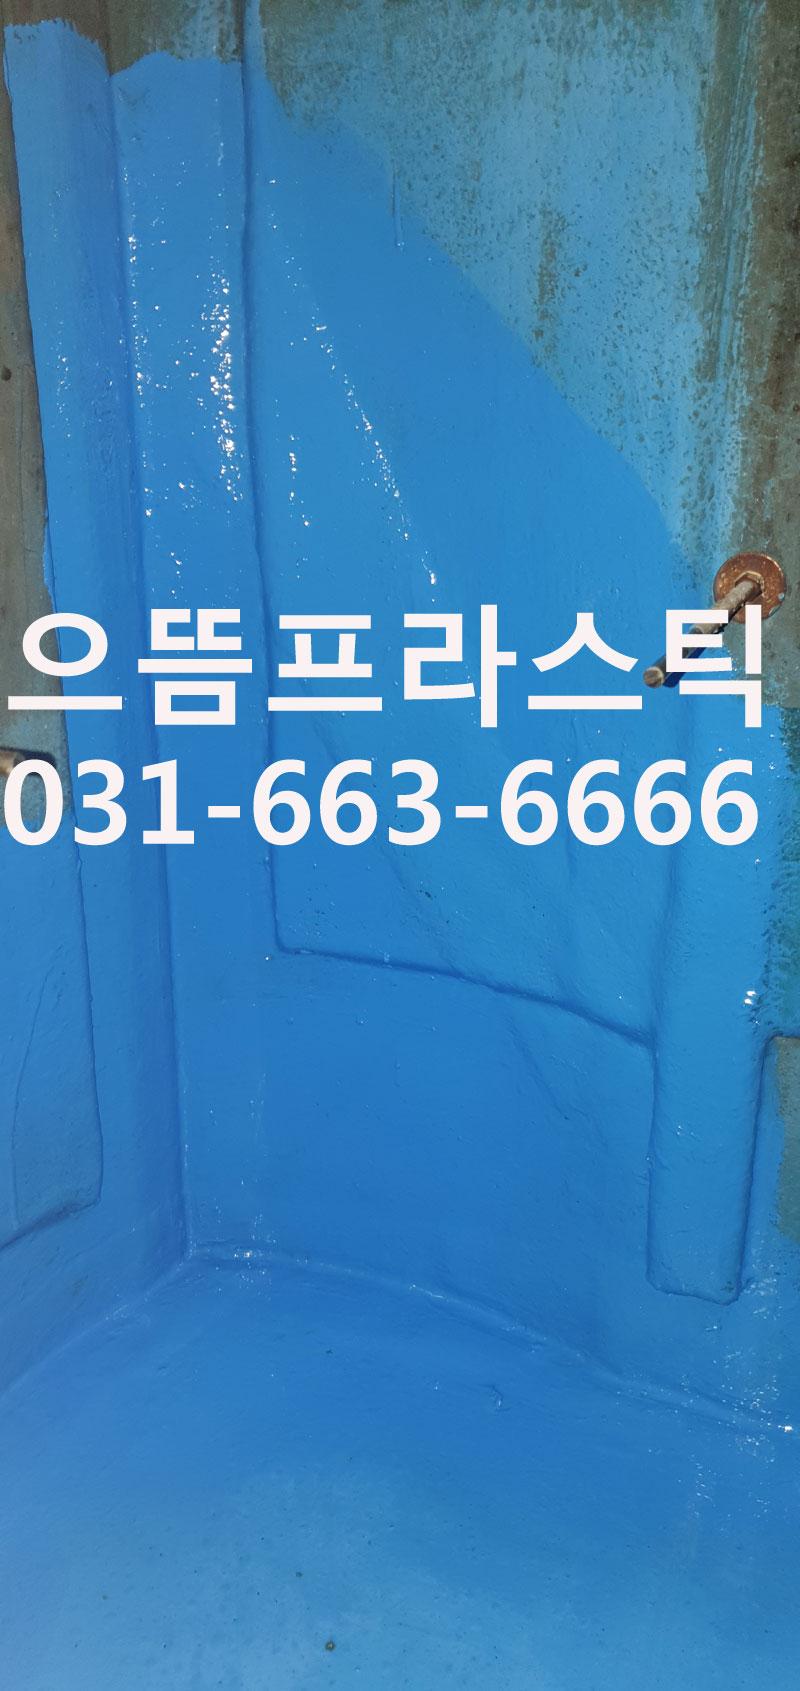 2796bcda83f5a0eee4326d8219629263_1630908610_3275.jpg